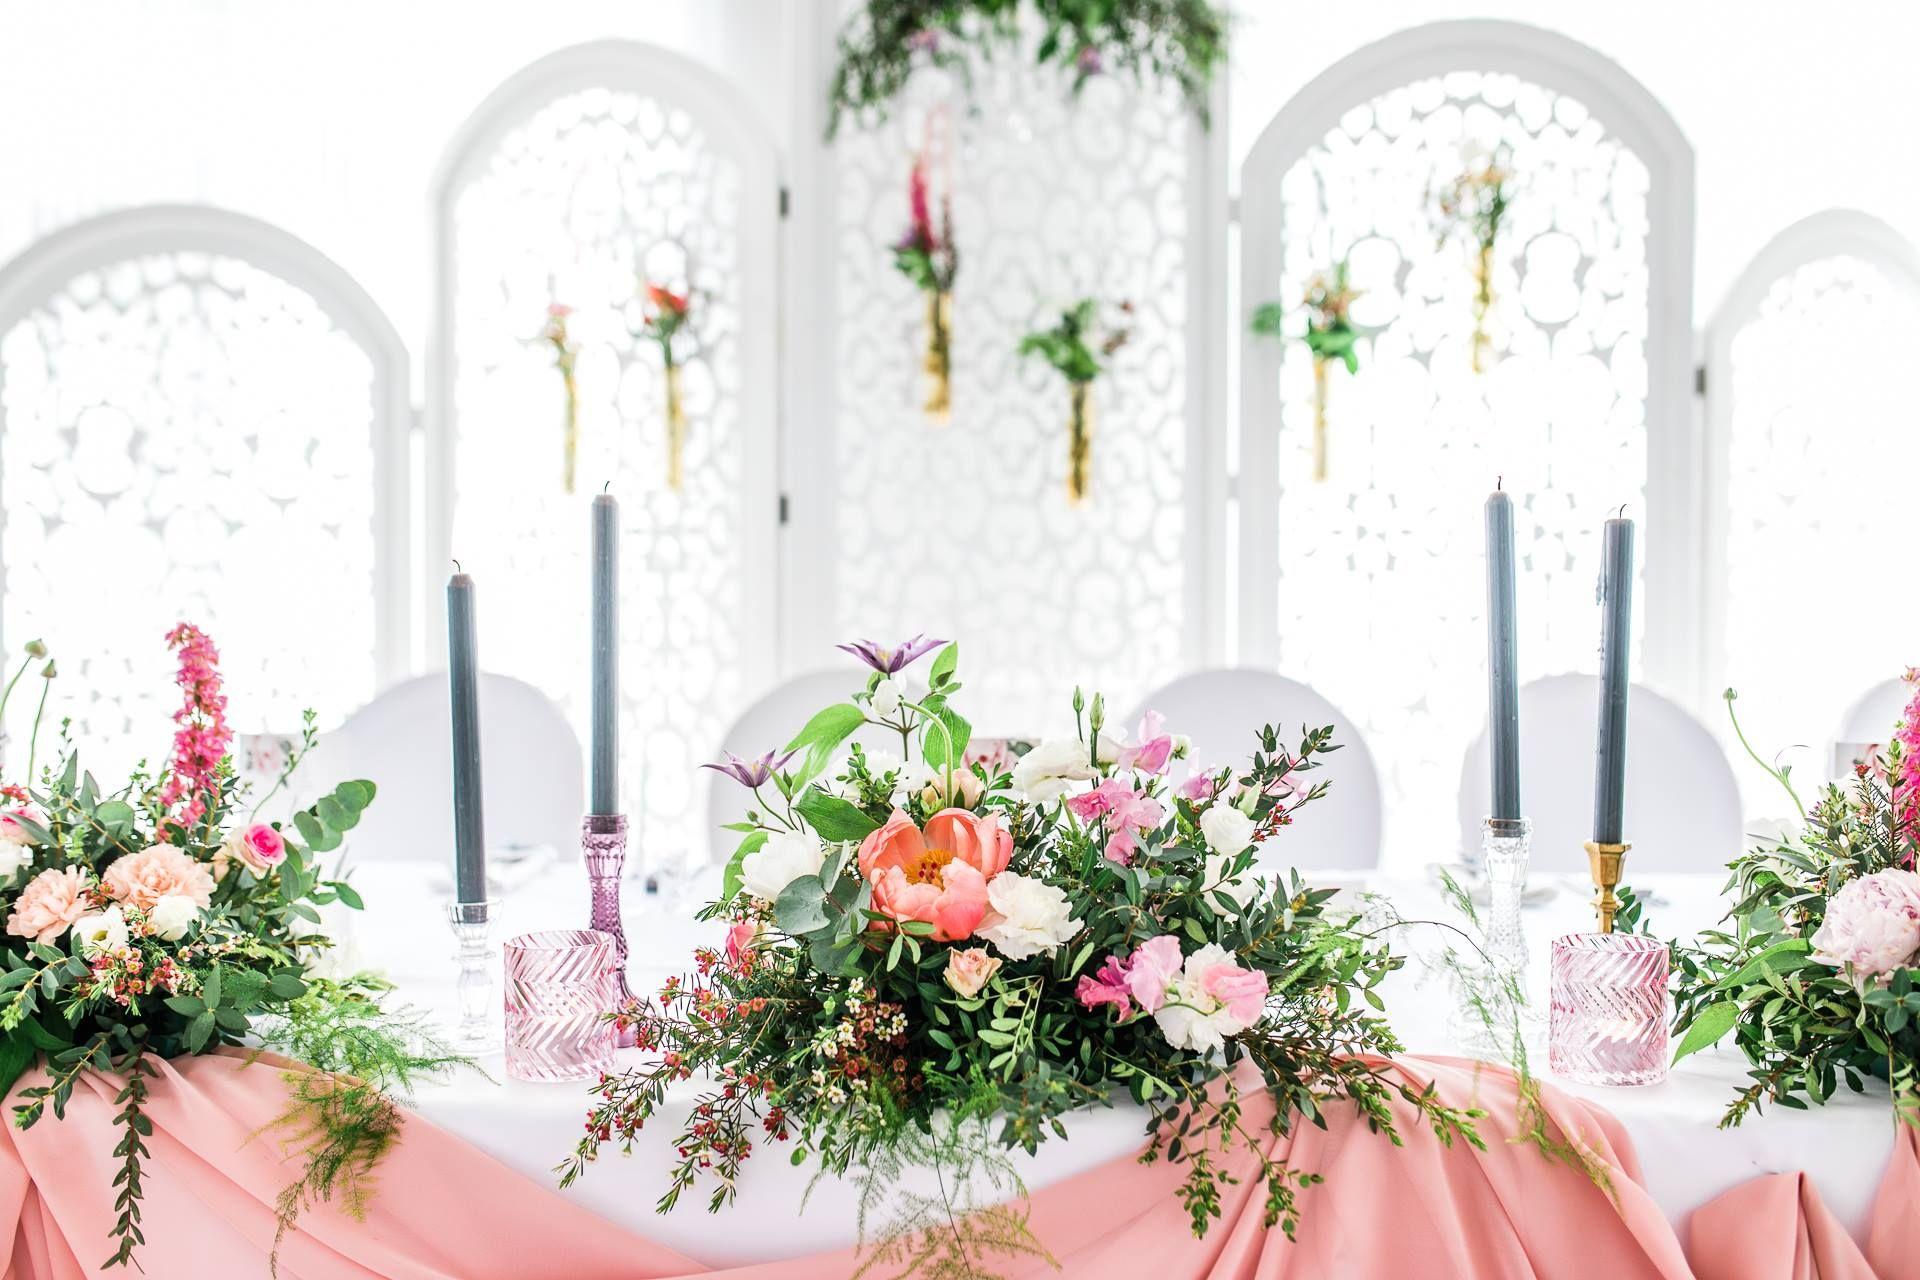 Basniowe Dekoracje Weselne Stol Panstwa Mlodych W Wyjatkowej Oprawie Wedding Table Table Table Decorations